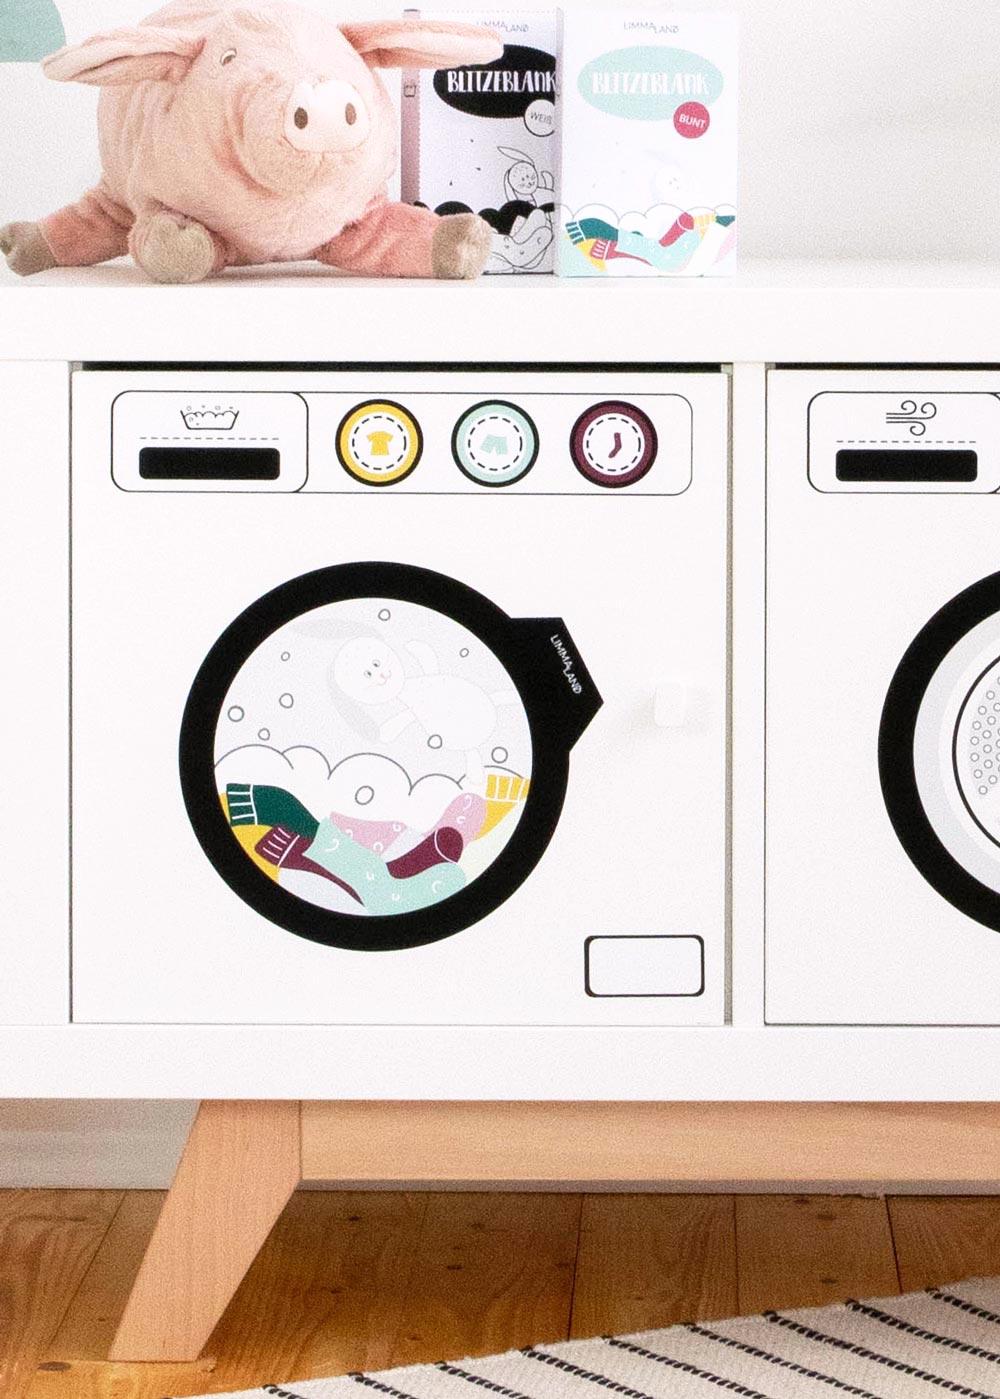 Kinderwaschmaschine Saubafix Teilansicht Waschmaschine